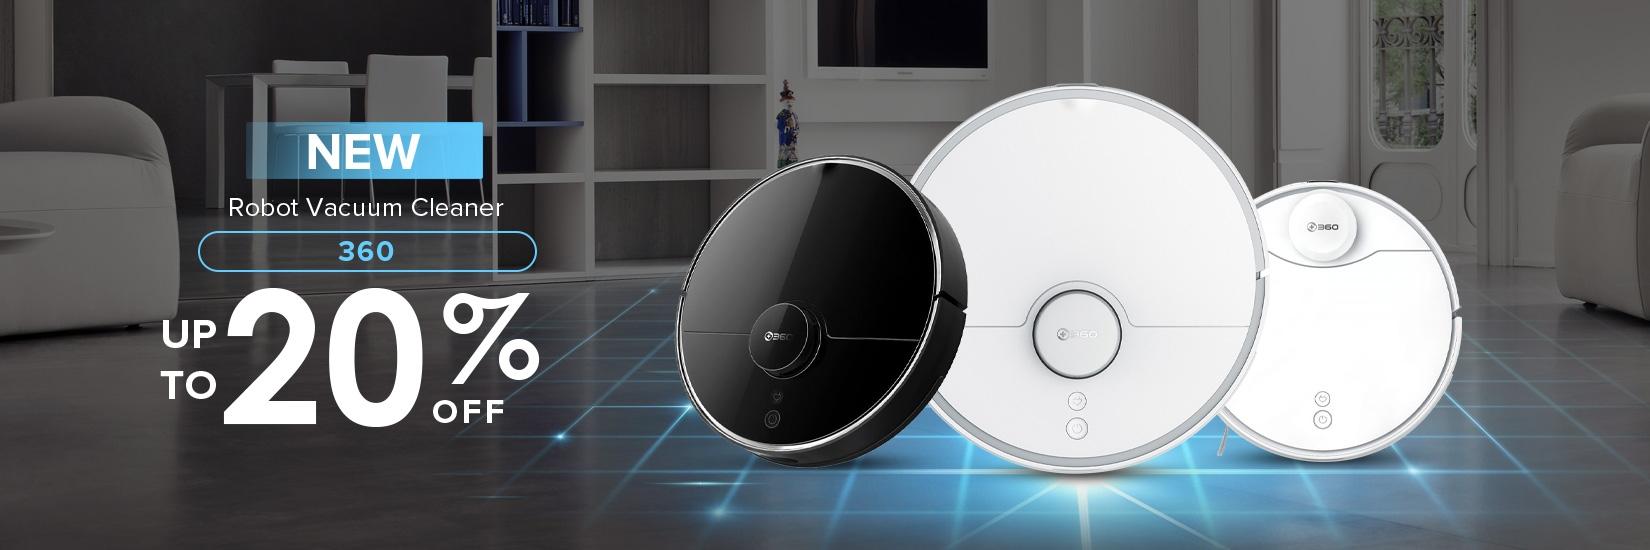 Robot Vacuum Cleaner 360 S5, 360 S7 Pro, 360 S9